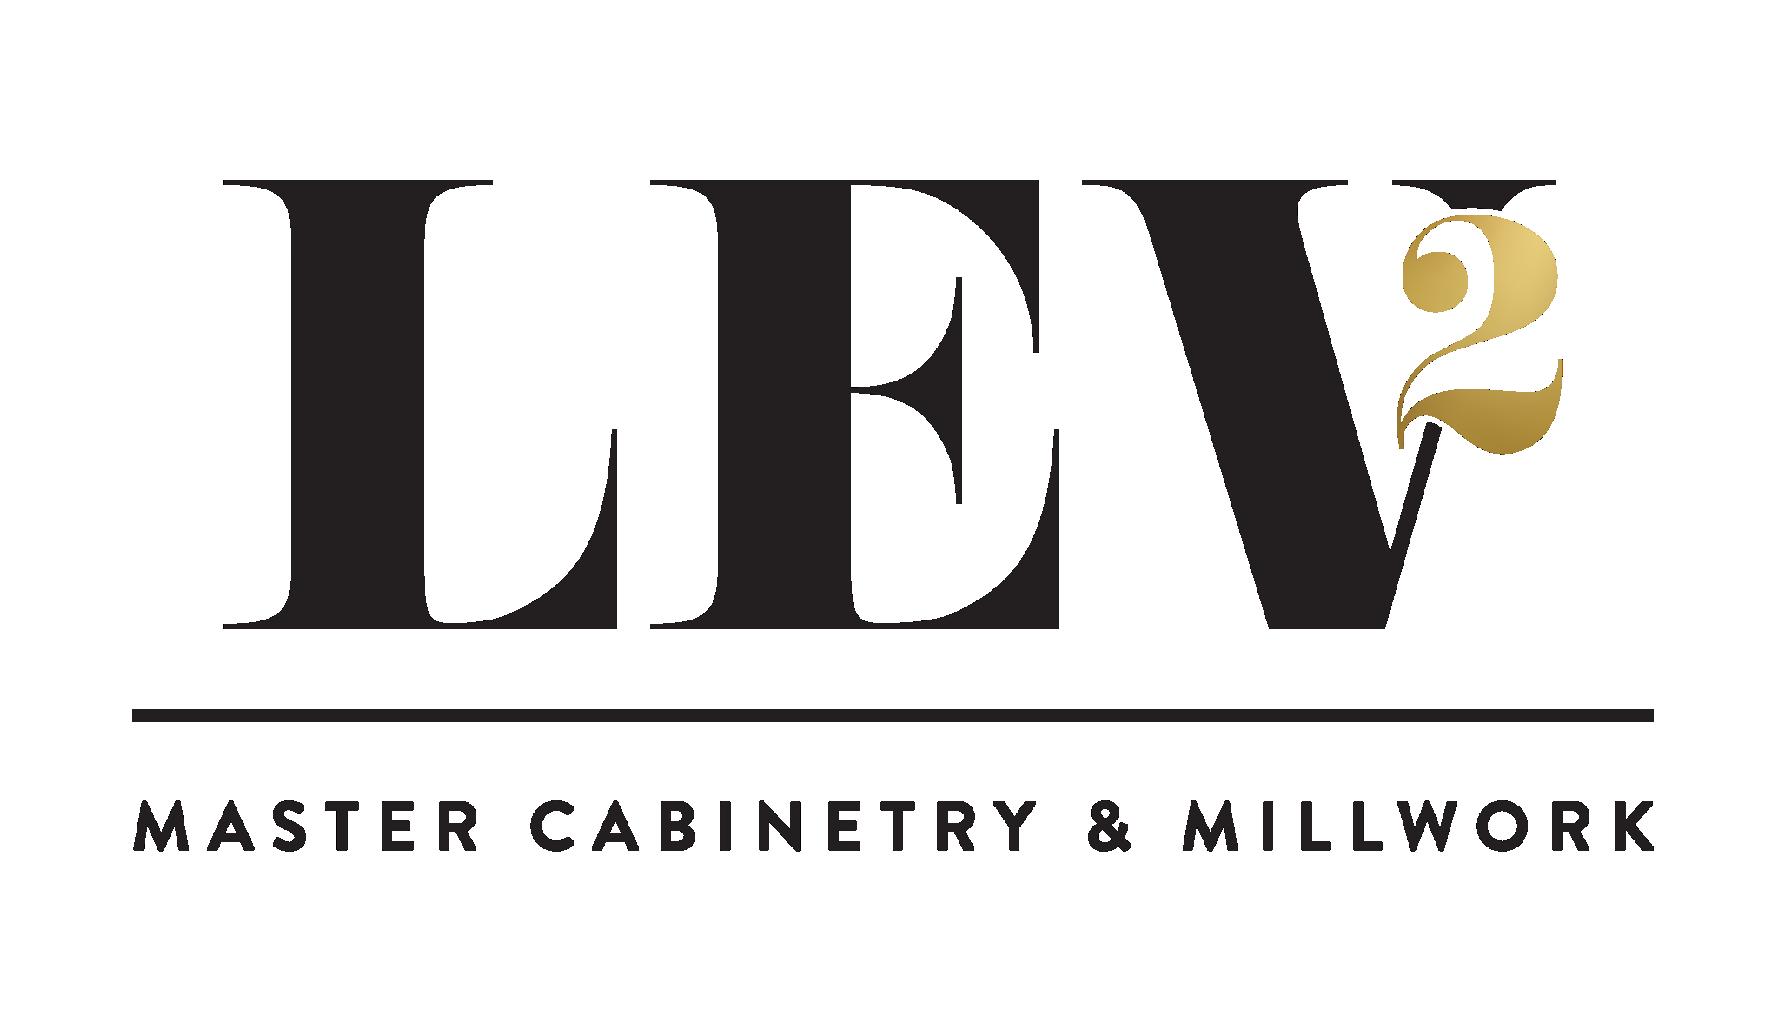 Lev2 Millwork logo